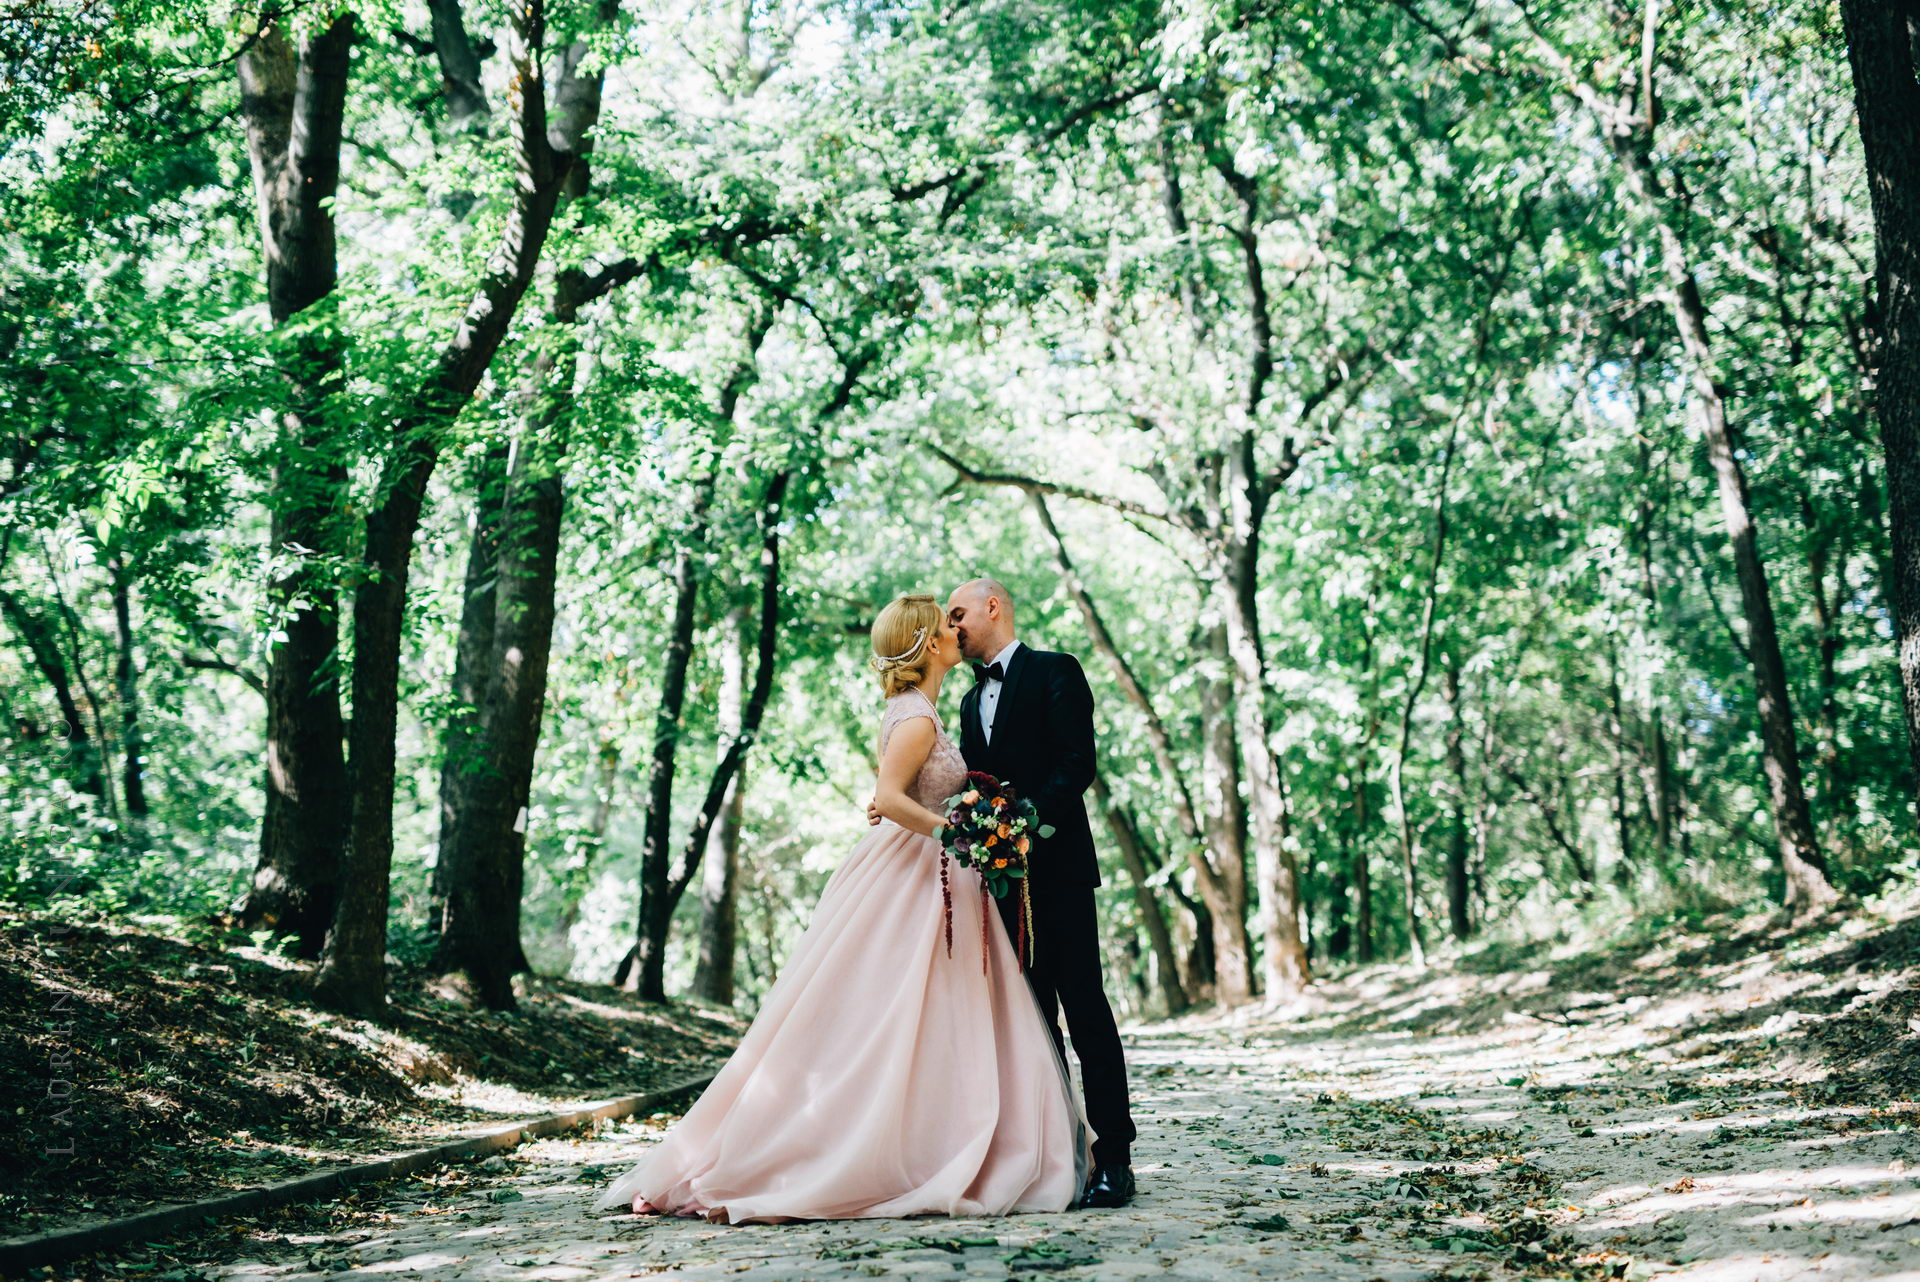 lavinia si adi fotograf laurentiu nica craiova 023 - Lavinia & Adi | Fotografii nunta